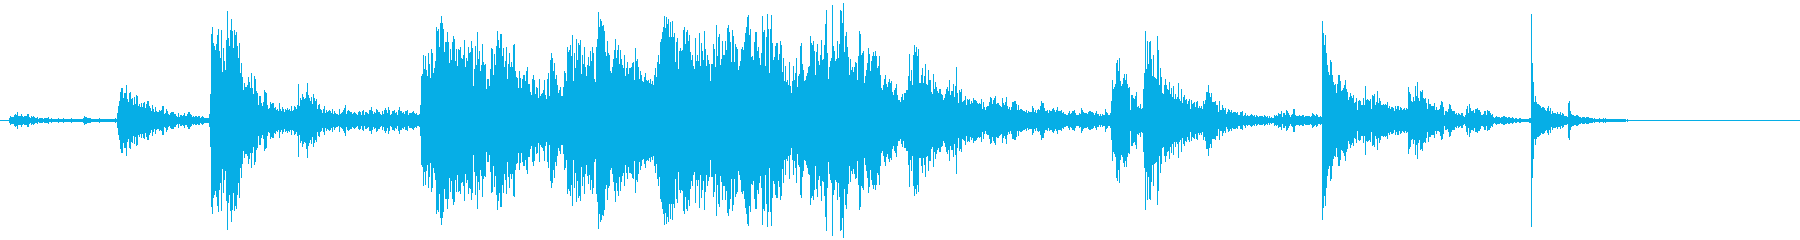 タンブリングジャンクとデブリクラッ...の再生済みの波形